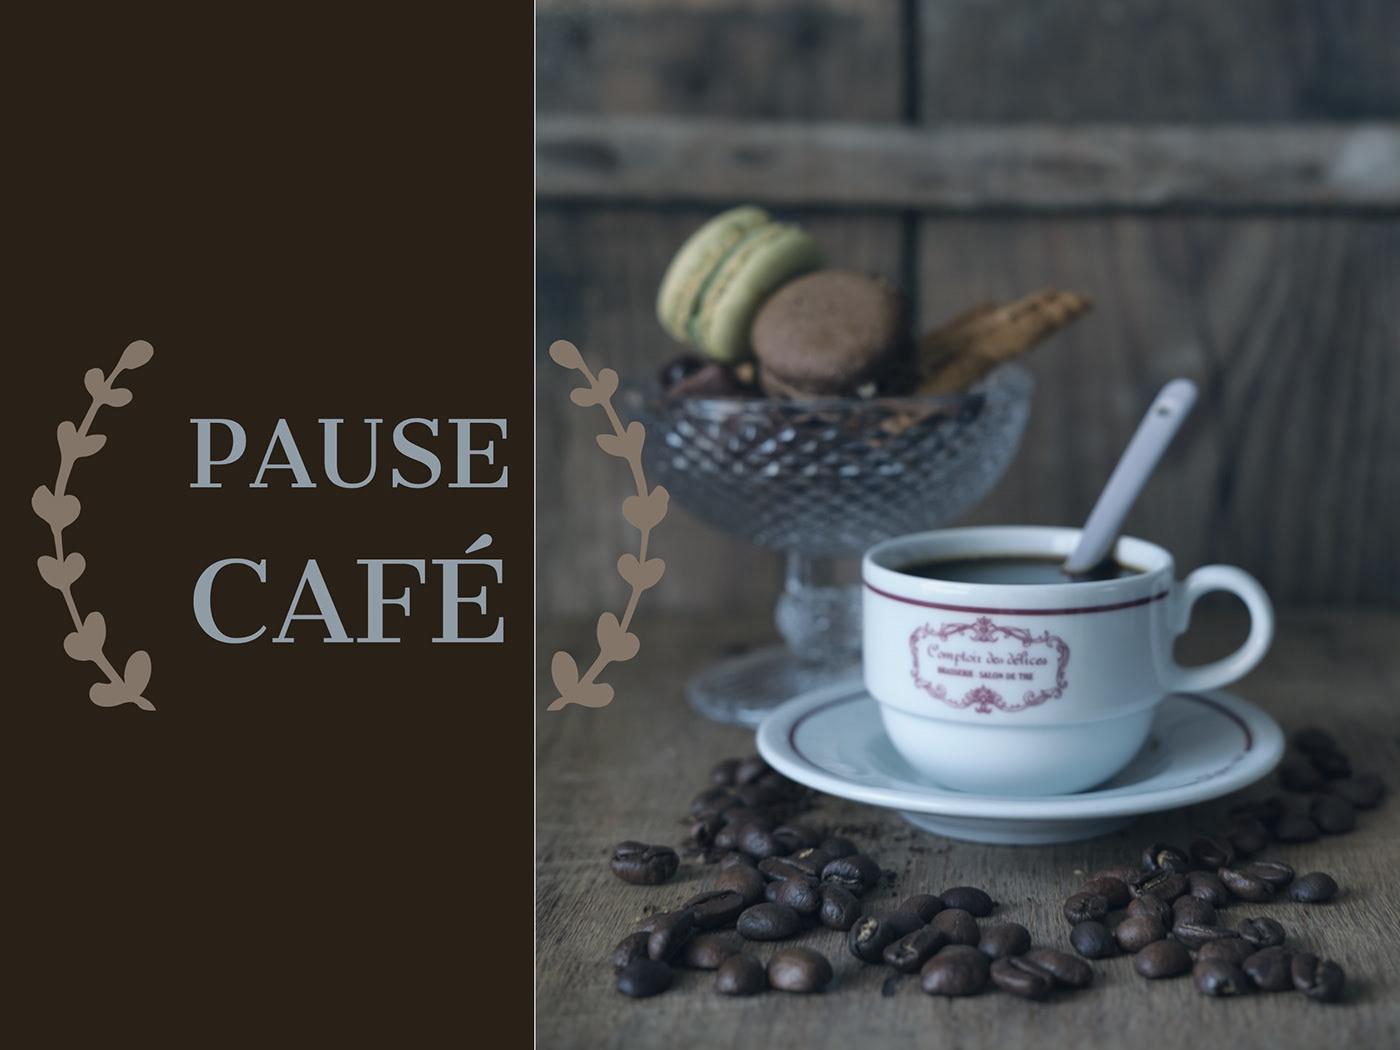 Pause café / фотограф S Plumauvent